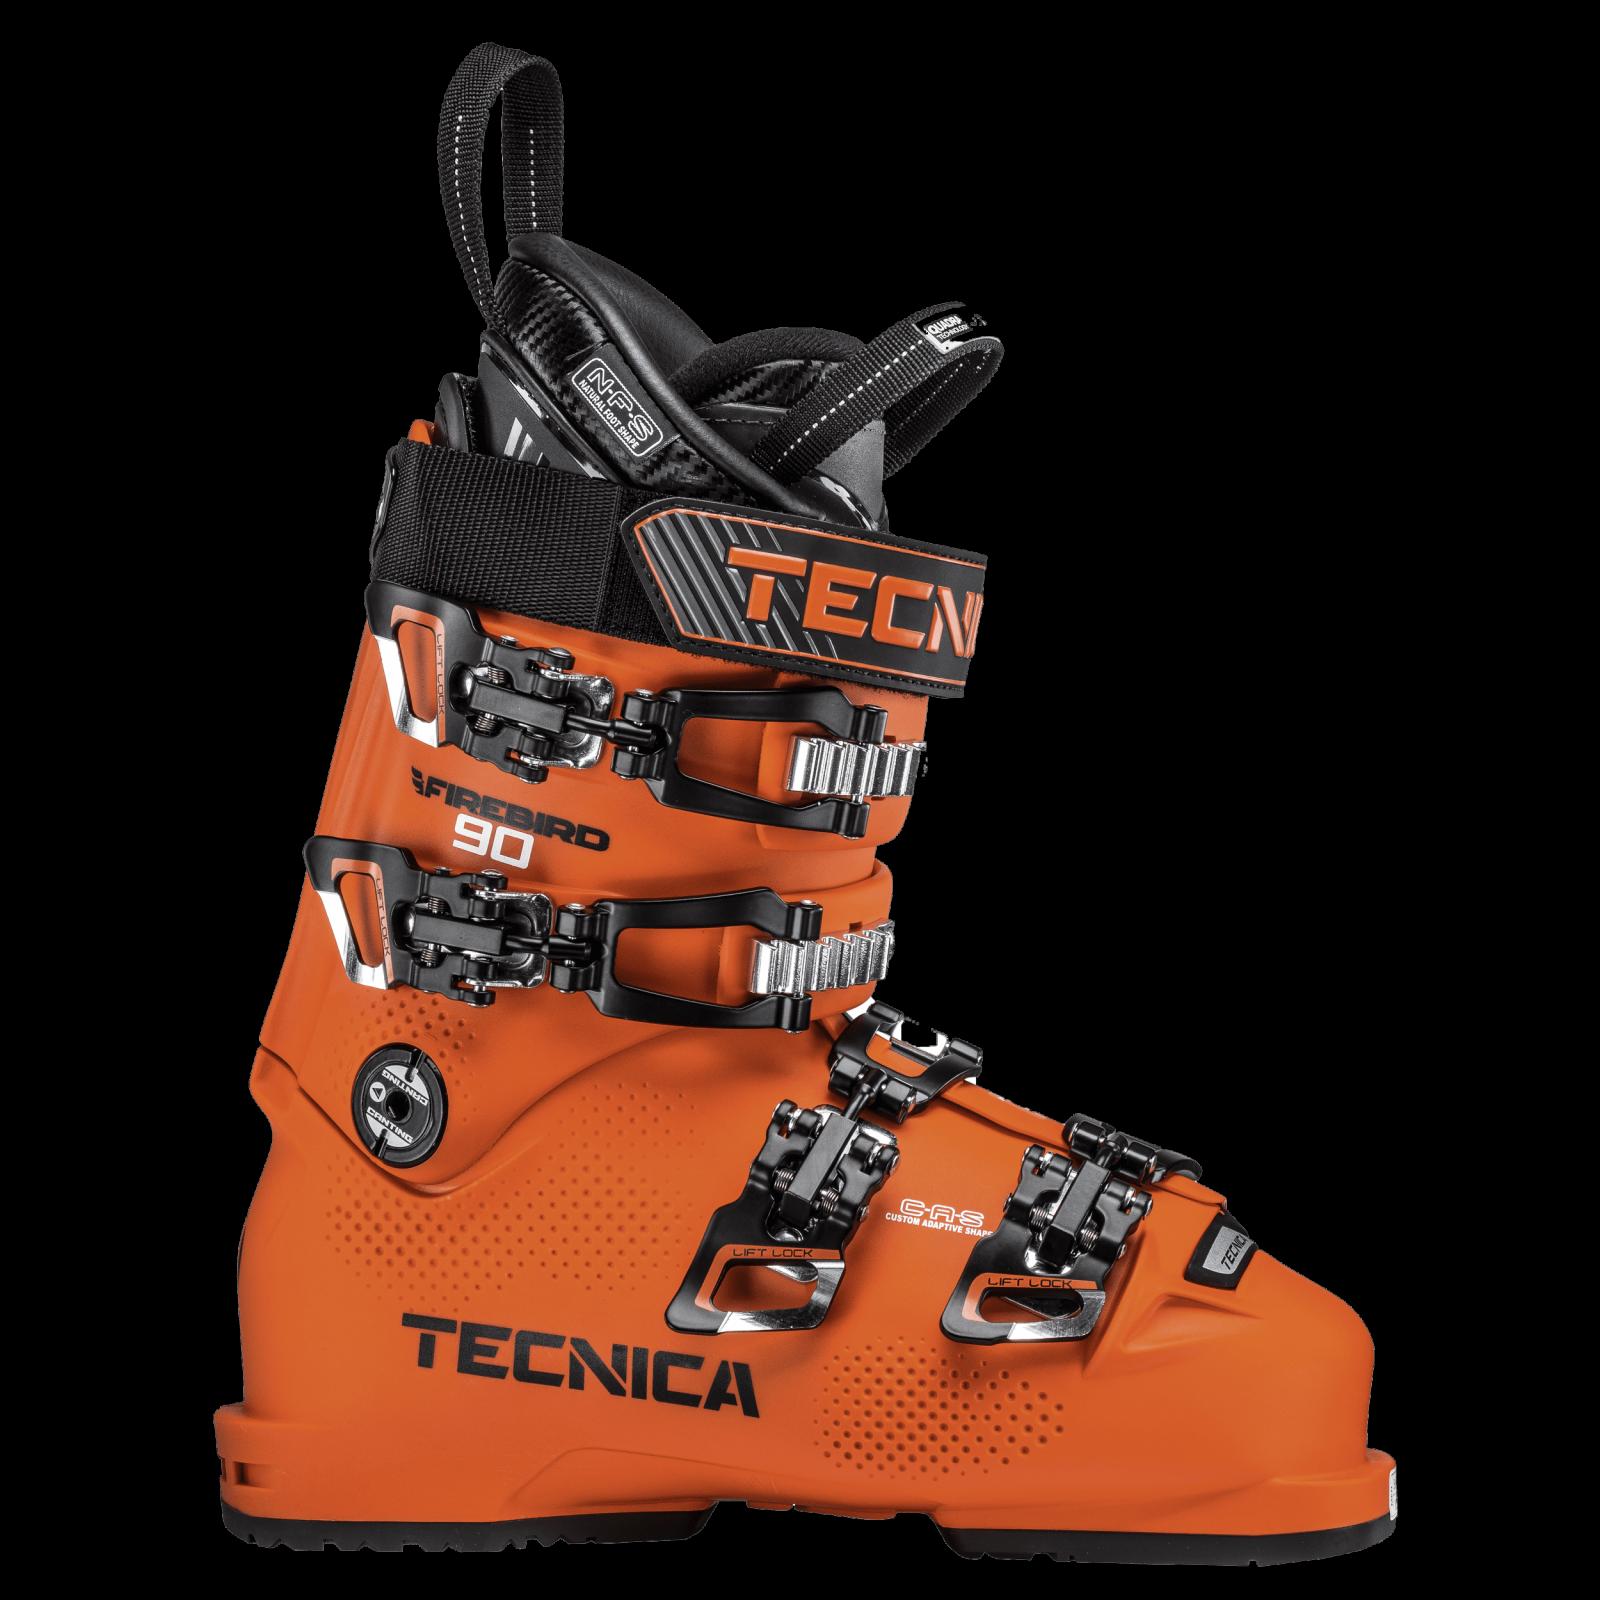 2019 Tecnica Firebird 90 Junior Race Boots